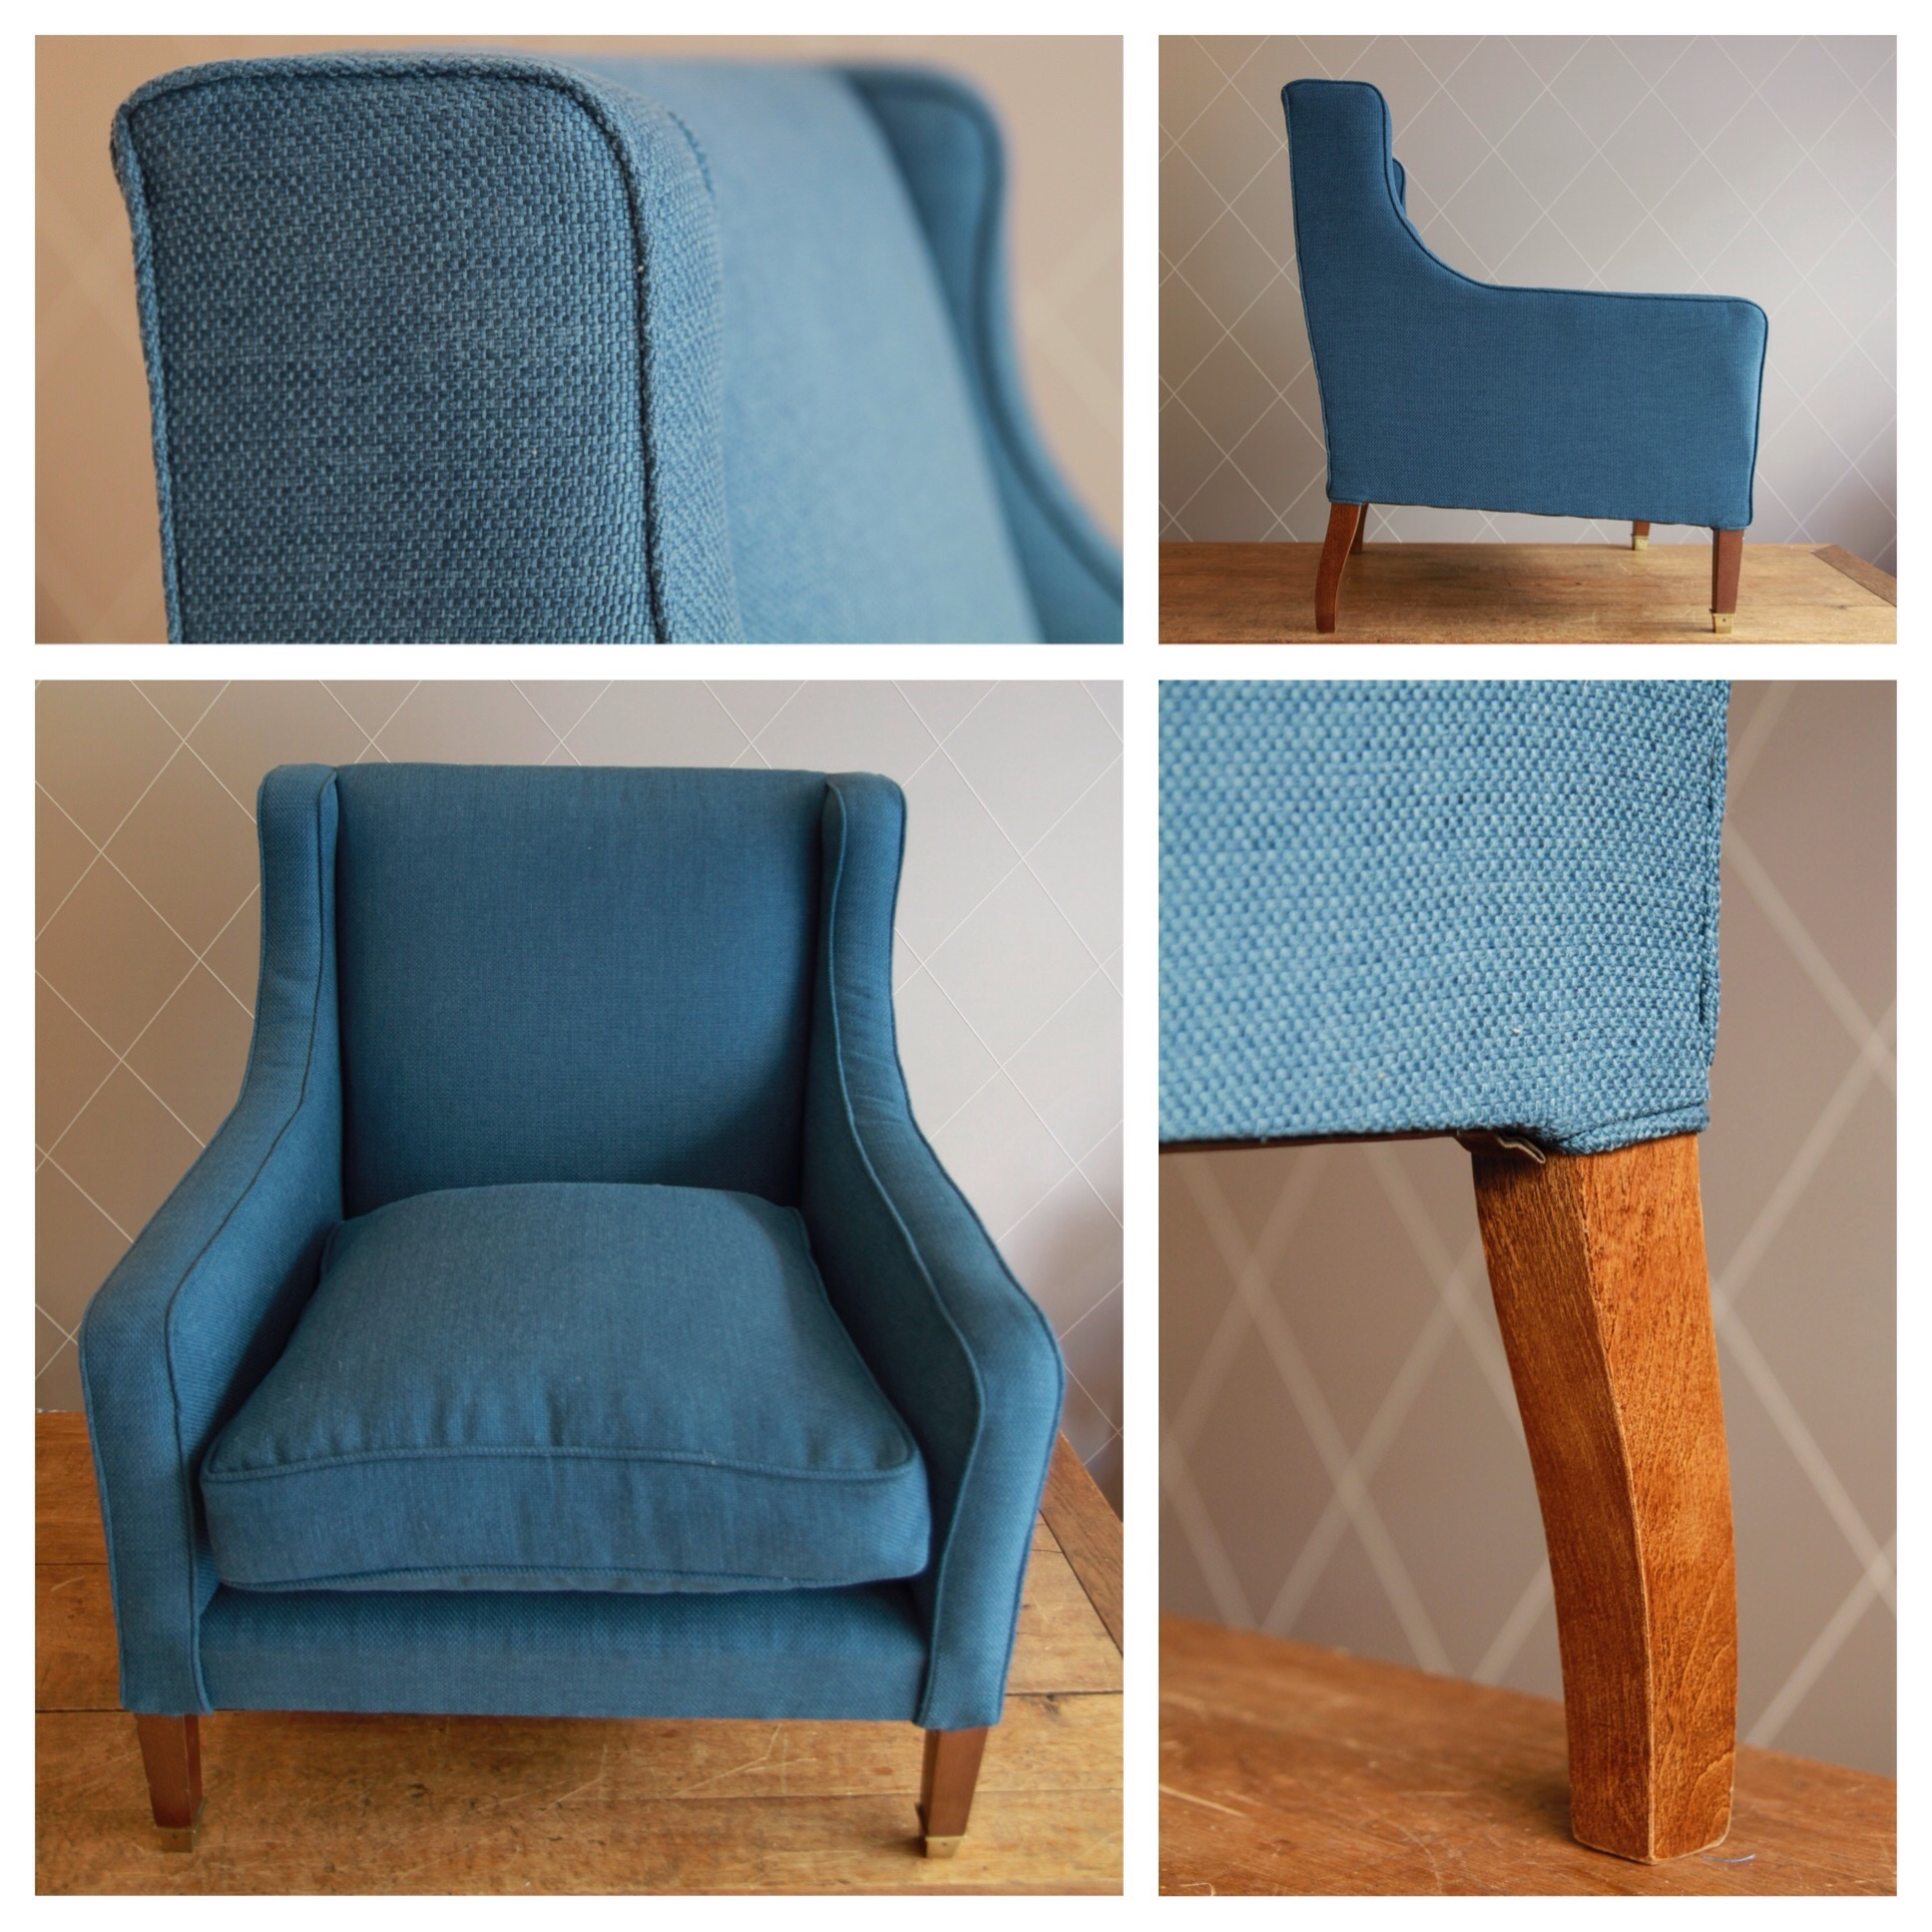 nouveau tissu bleu pour fauteuil vintage atelier md2atelier md2. Black Bedroom Furniture Sets. Home Design Ideas